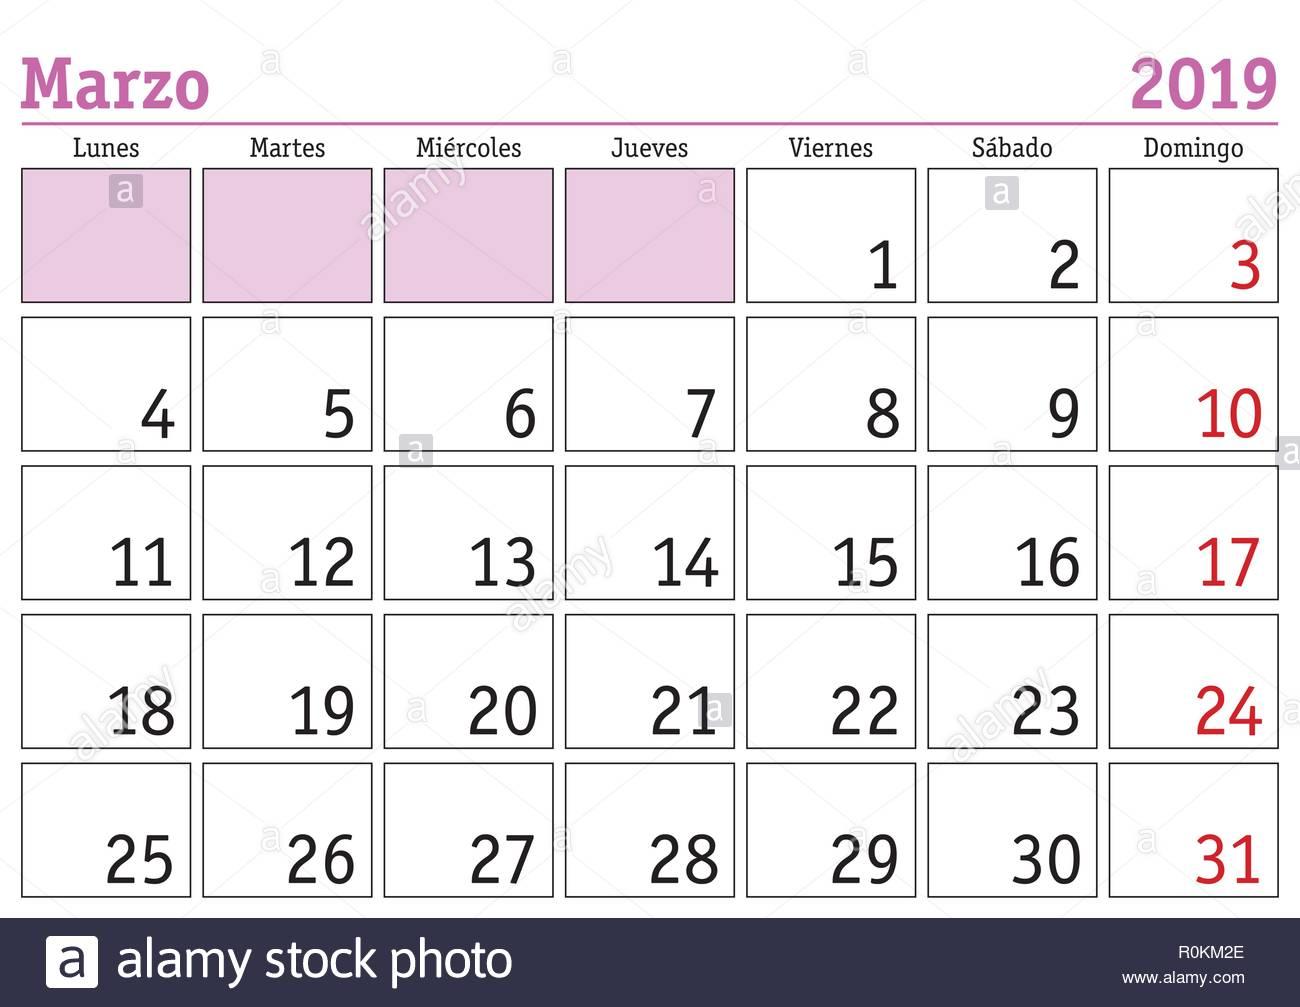 Calendario Di Marzo.Il Mese Di Marzo In Un Anno 2019 Calendario Da Parete In